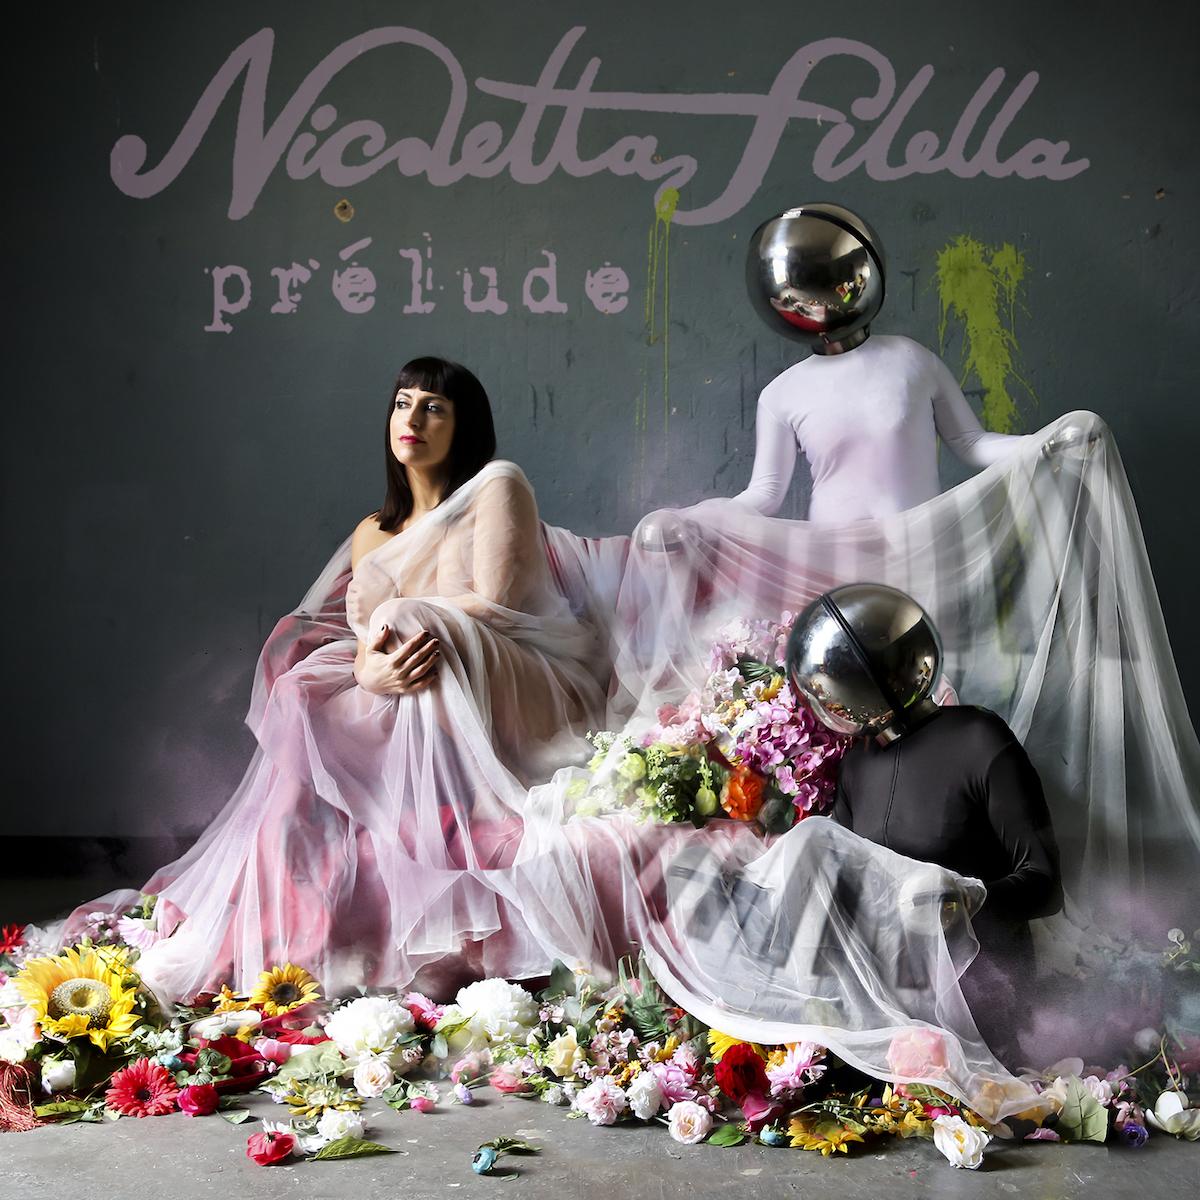 n filella prelude cover